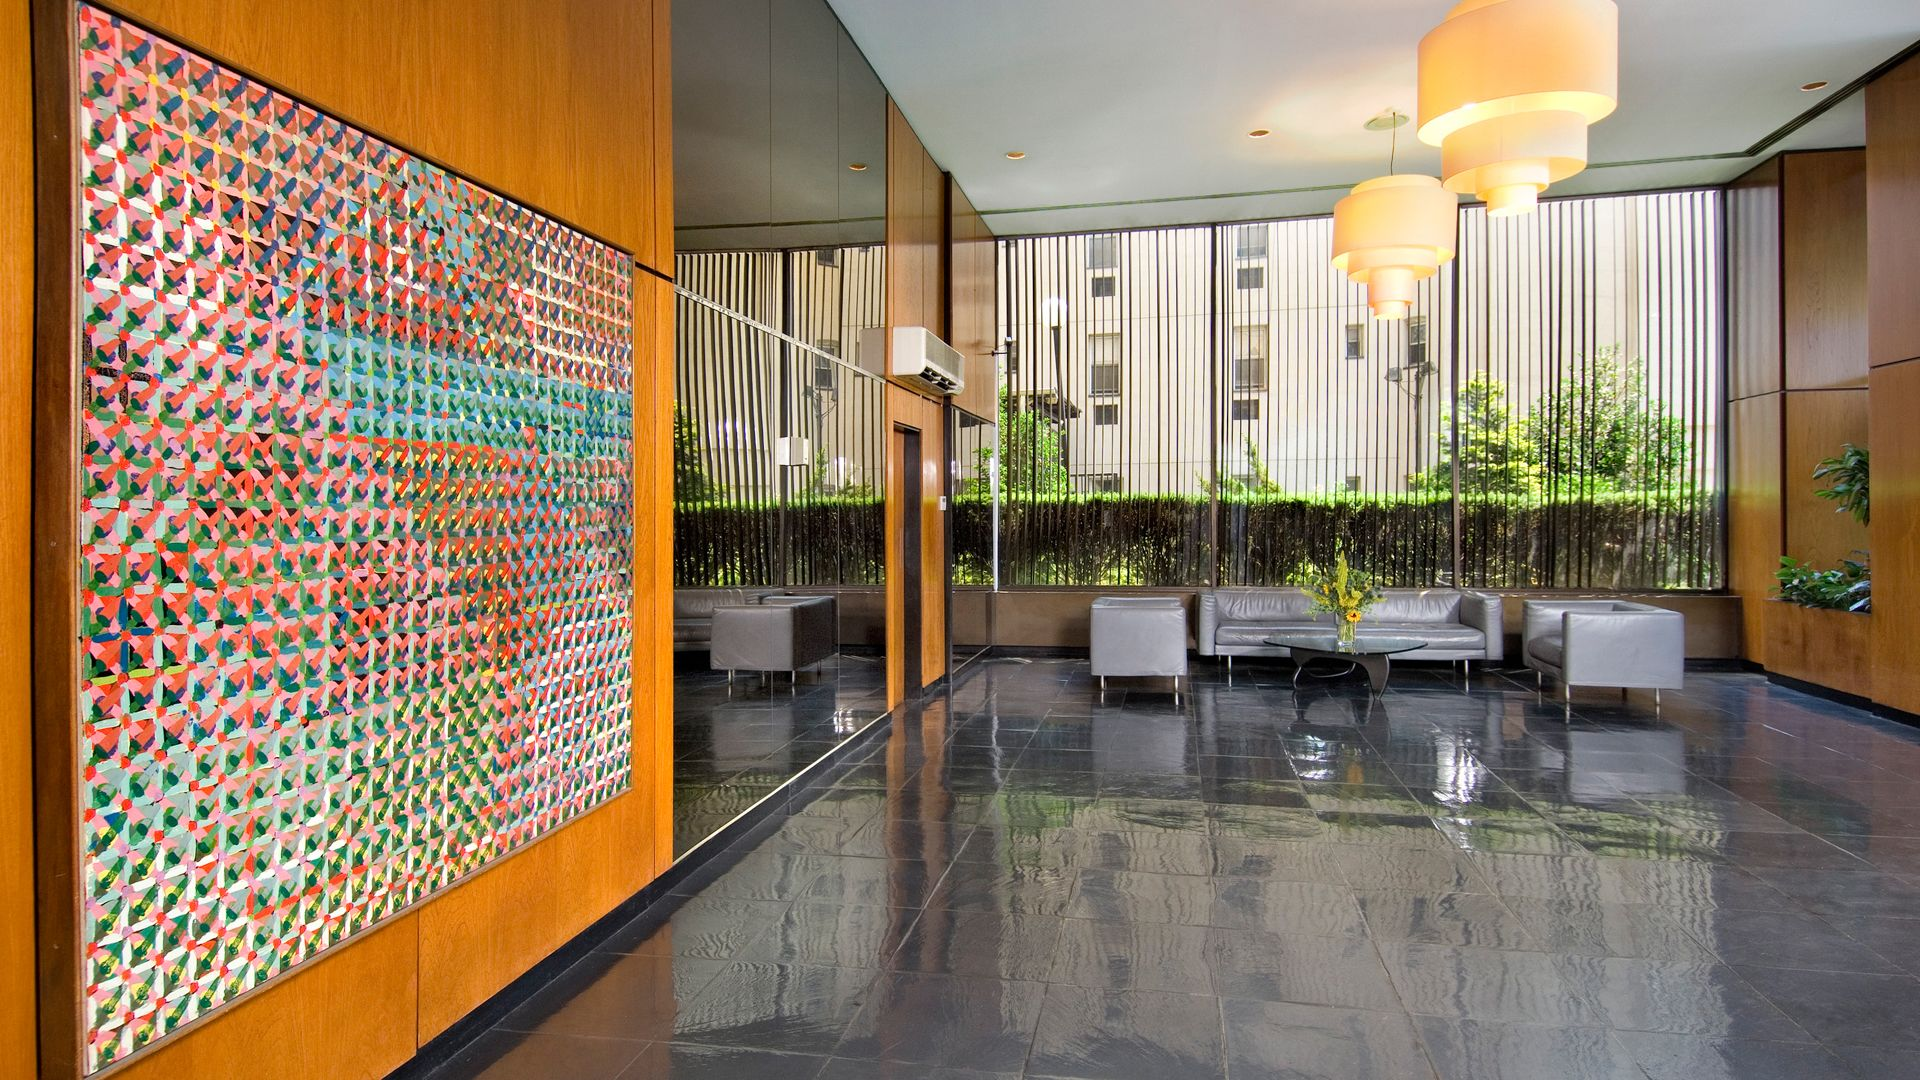 303 East 83rd Apartments - Lobby